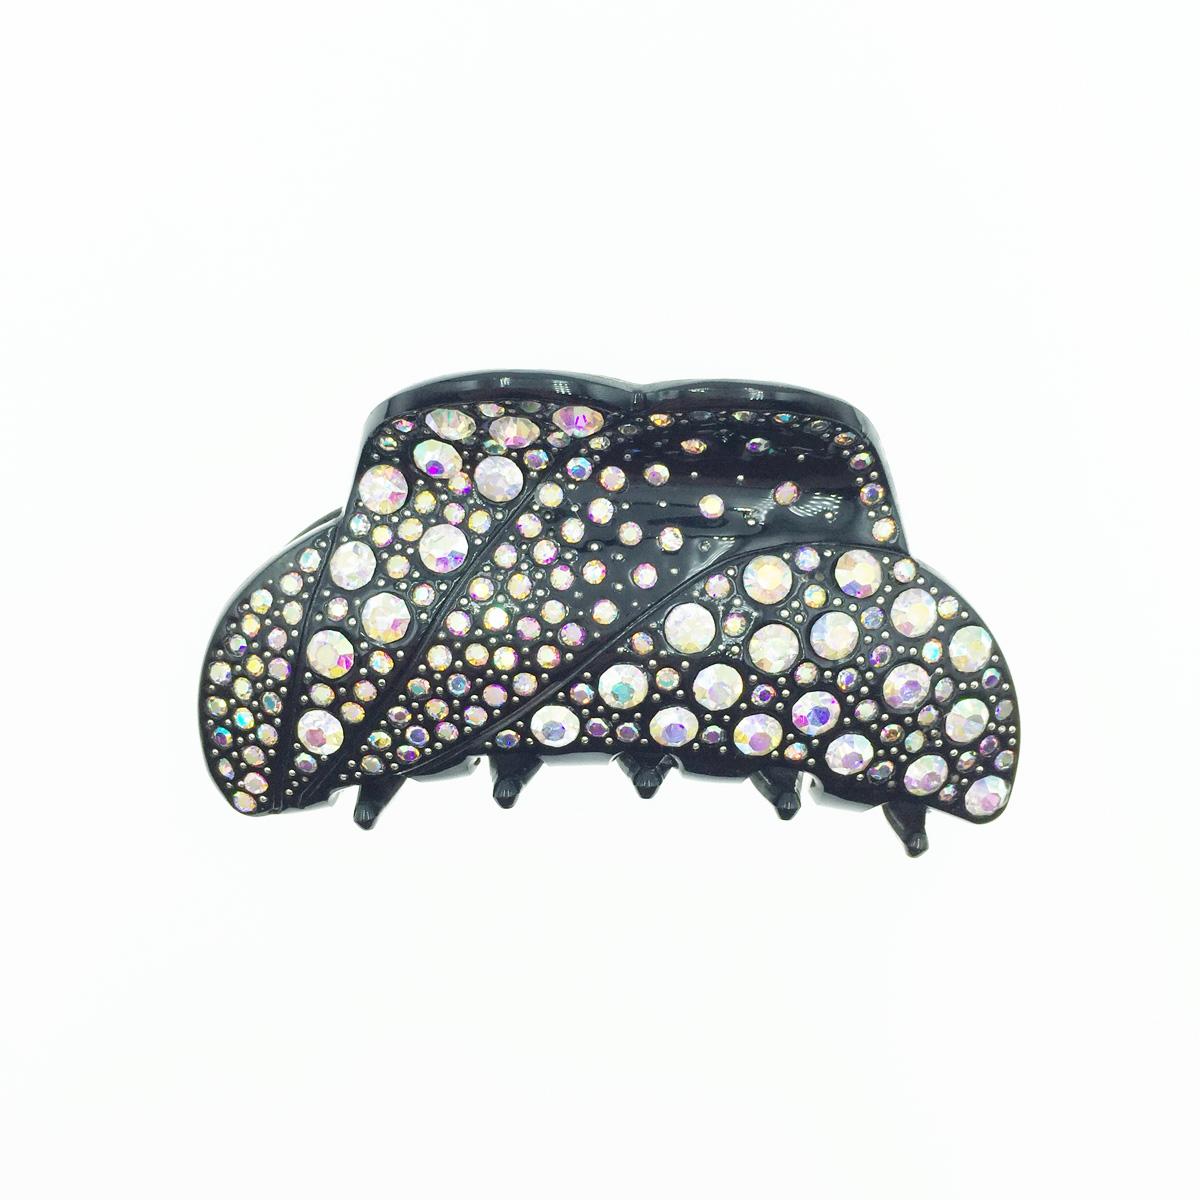 滿版 水鑽水晶 黑色 髮夾 鯊魚夾 法國夾 採用施華洛世奇水晶元素 Crystals from Swarovski